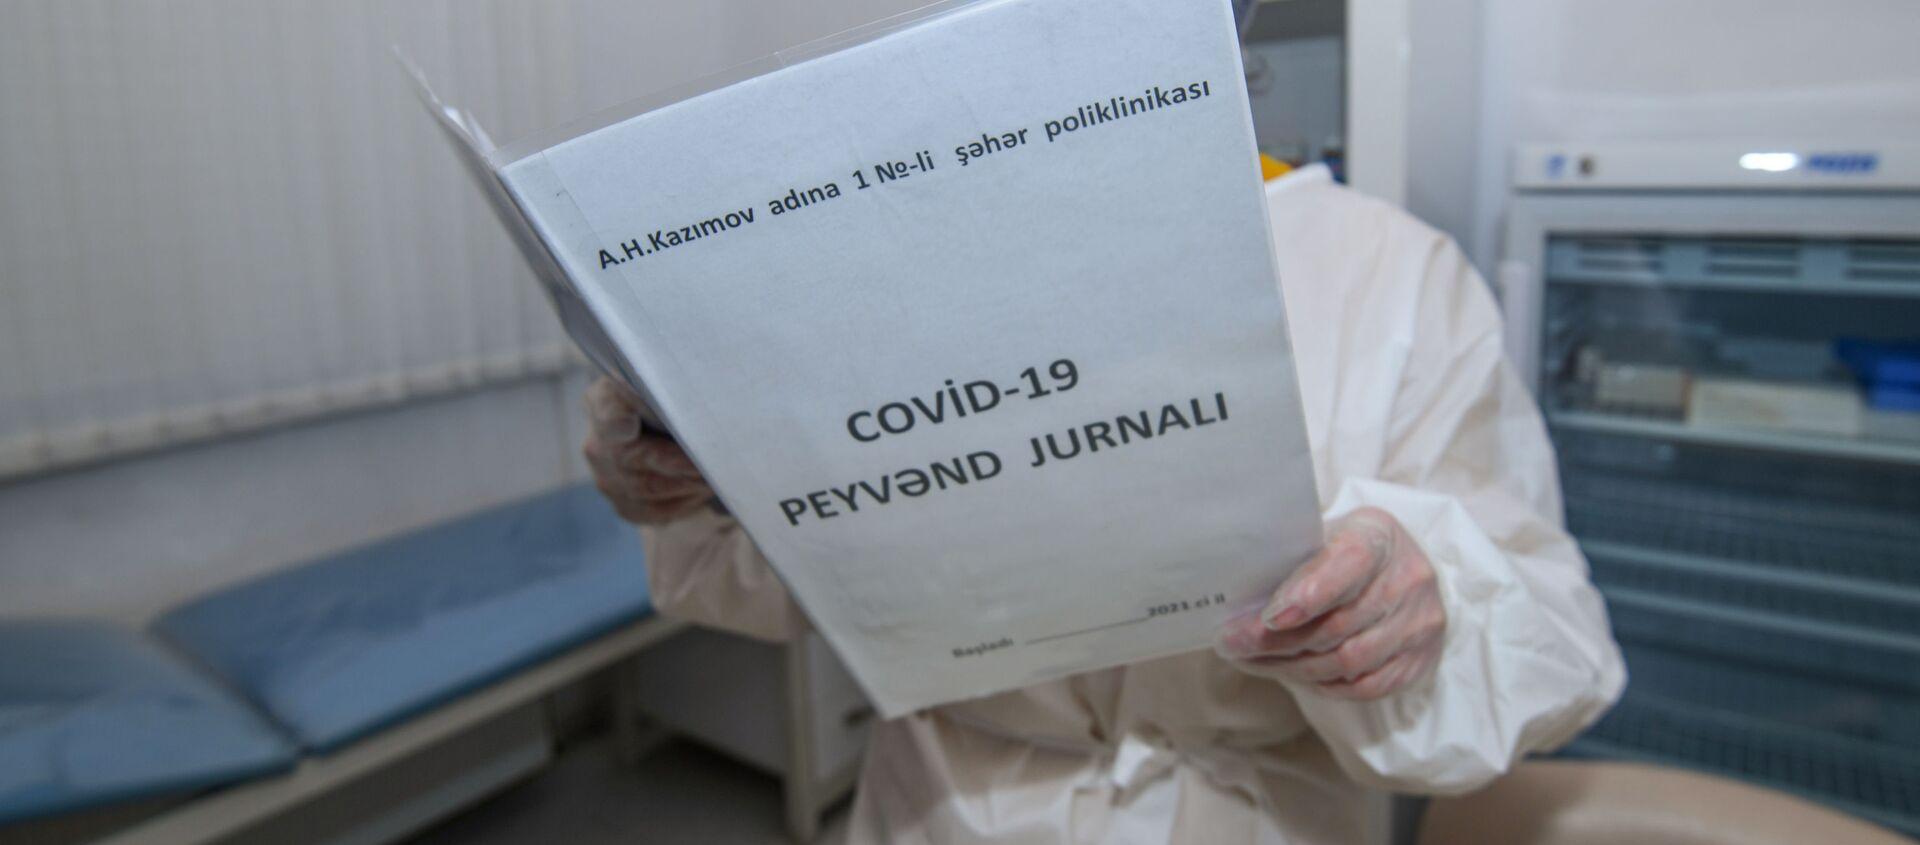 Вакцинация от коронавируса в Азербайджане - Sputnik Азербайджан, 1920, 28.02.2021